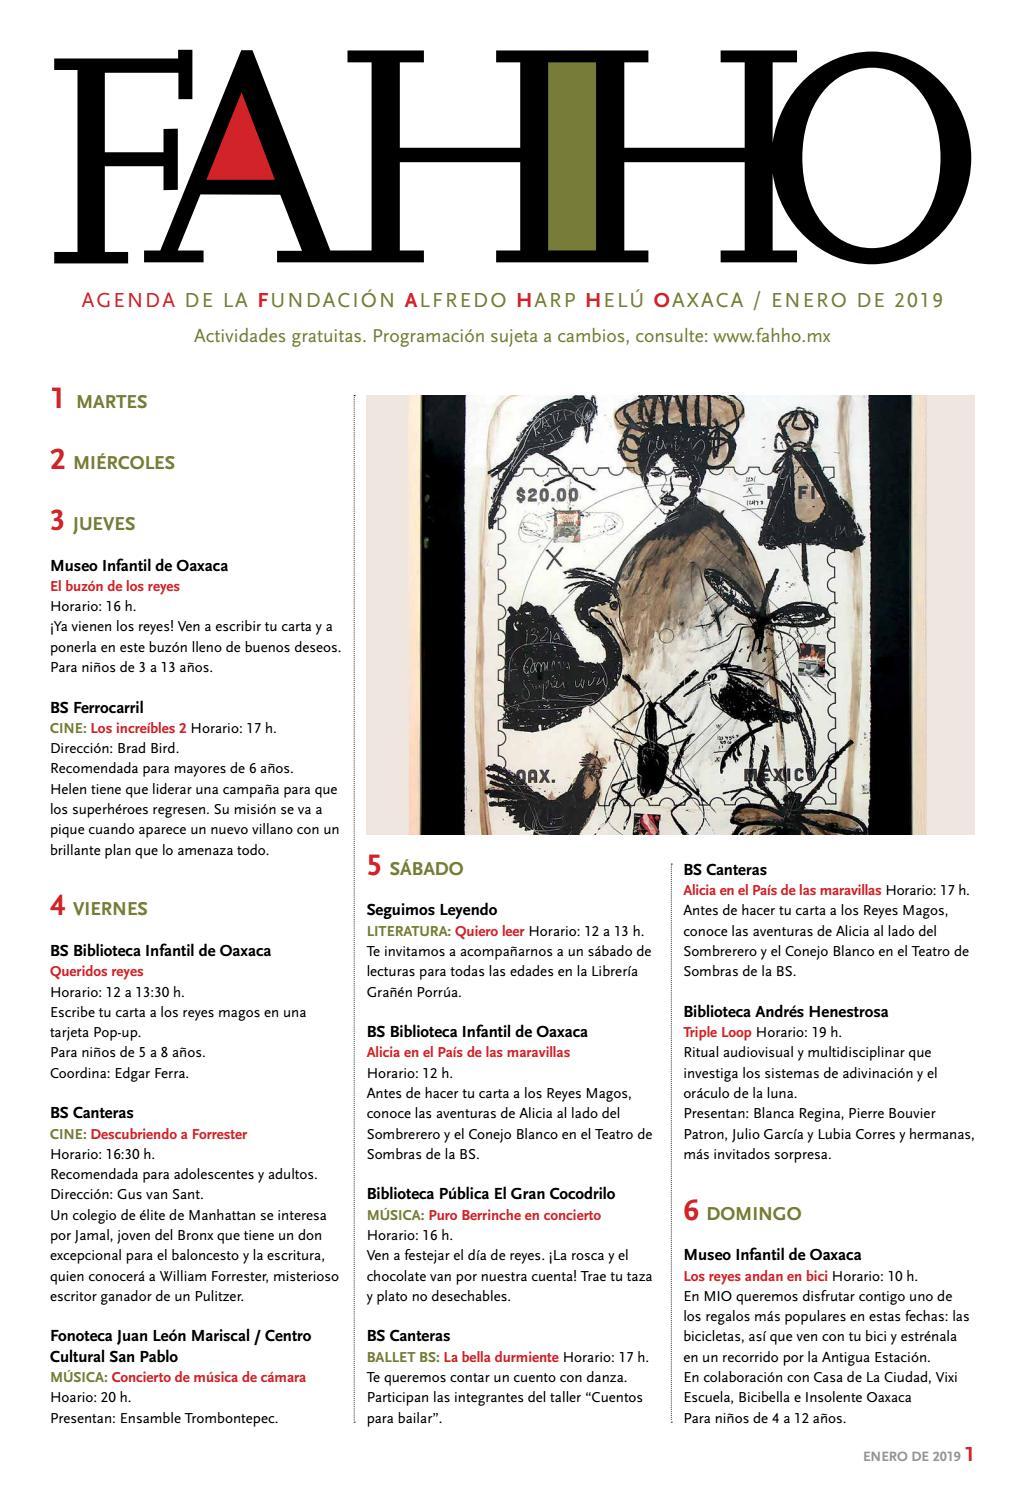 Agenda de enero 2019 FAHHO by Fundación Alfredo Harp Helú Oaxaca - issuu